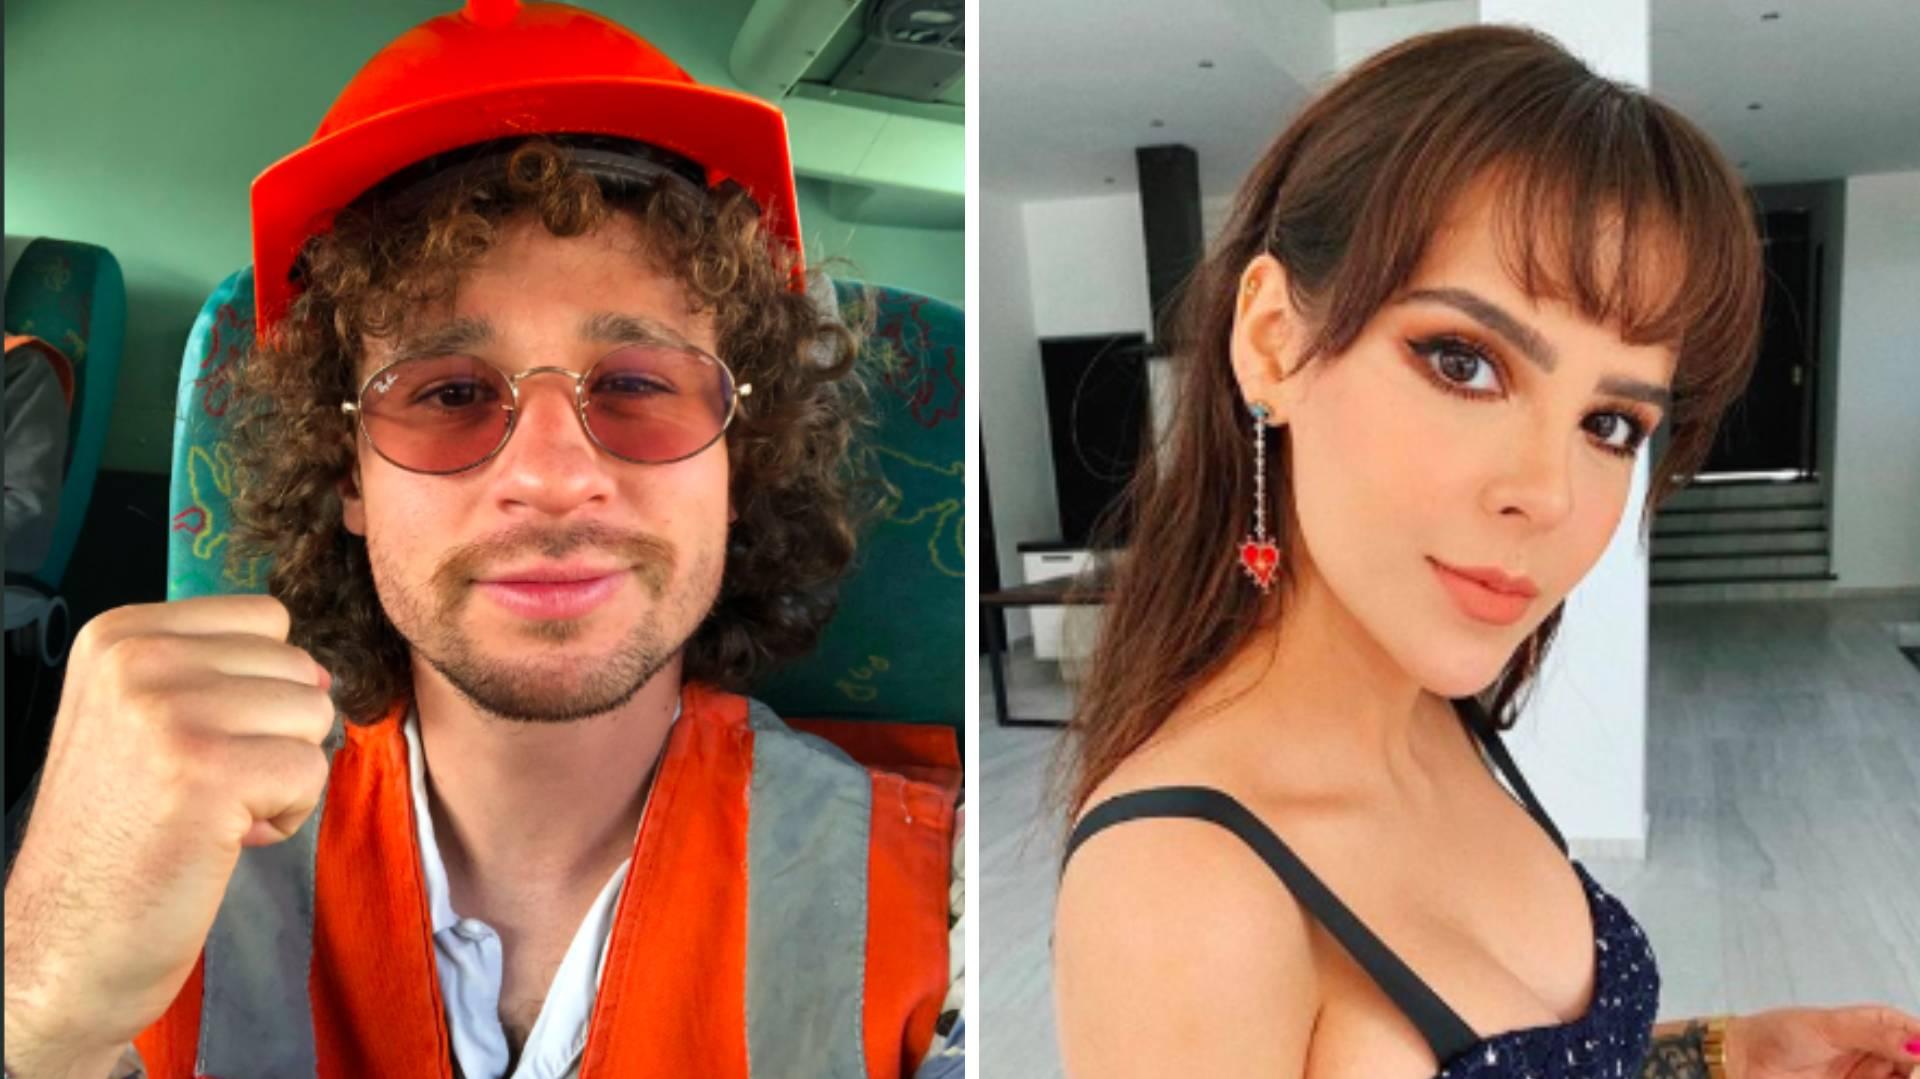 Luisito Comunica y Yuya son los youtubers más seguidos de México (Foto: Instagram)